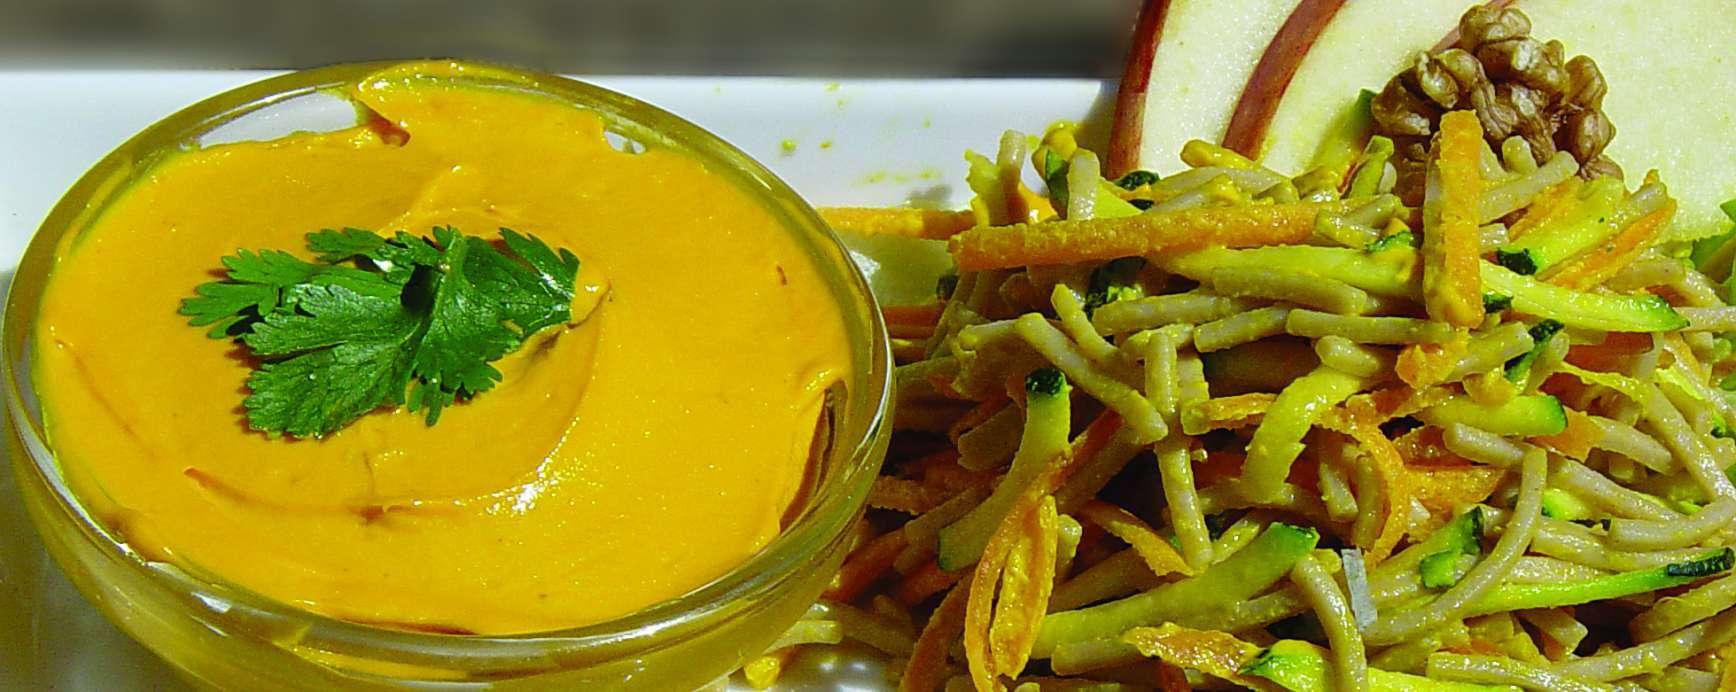 Rode mayonaise met macaroni salade